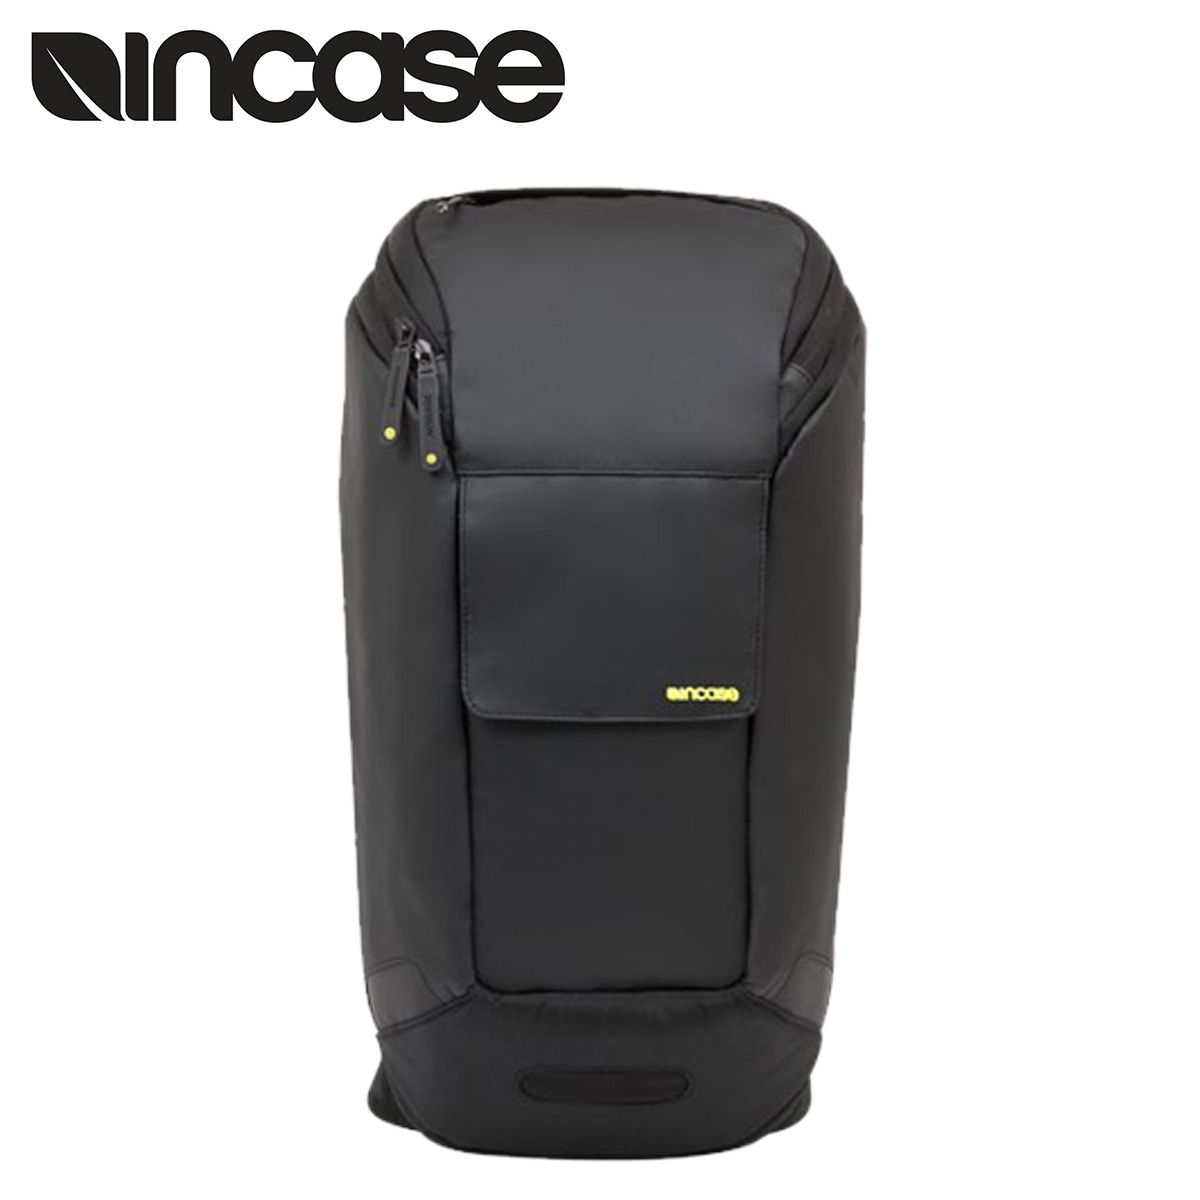 INCASE インケース バックパック リュック レンジ コレクション CL55540 ブラック RANGE BACKPACK -NEW CMF メンズ